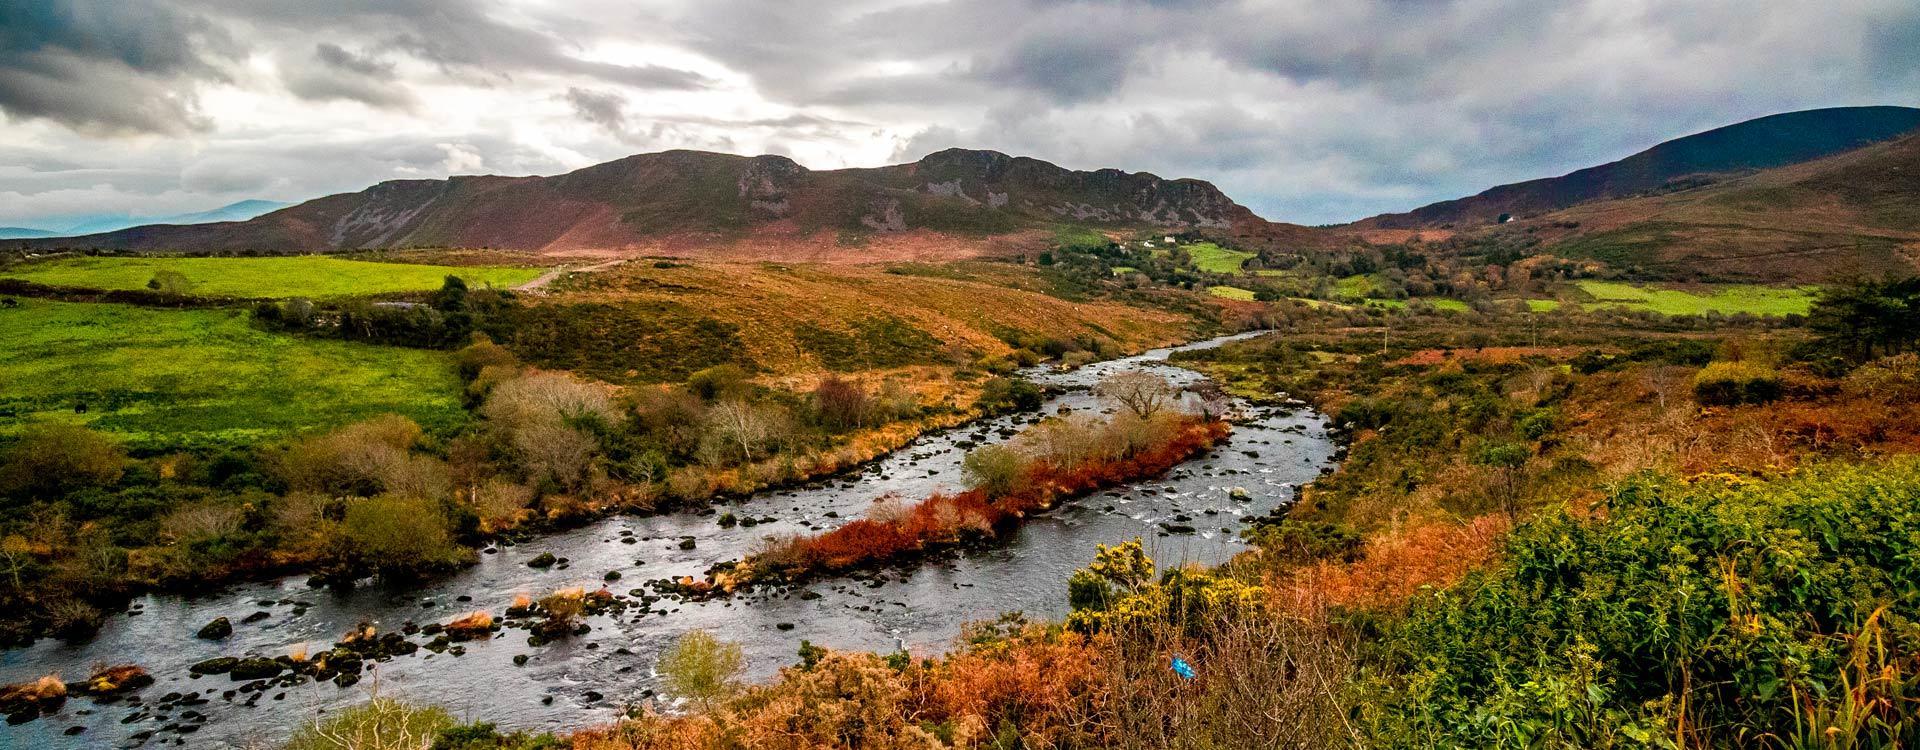 3 Day Southern Ireland Tour